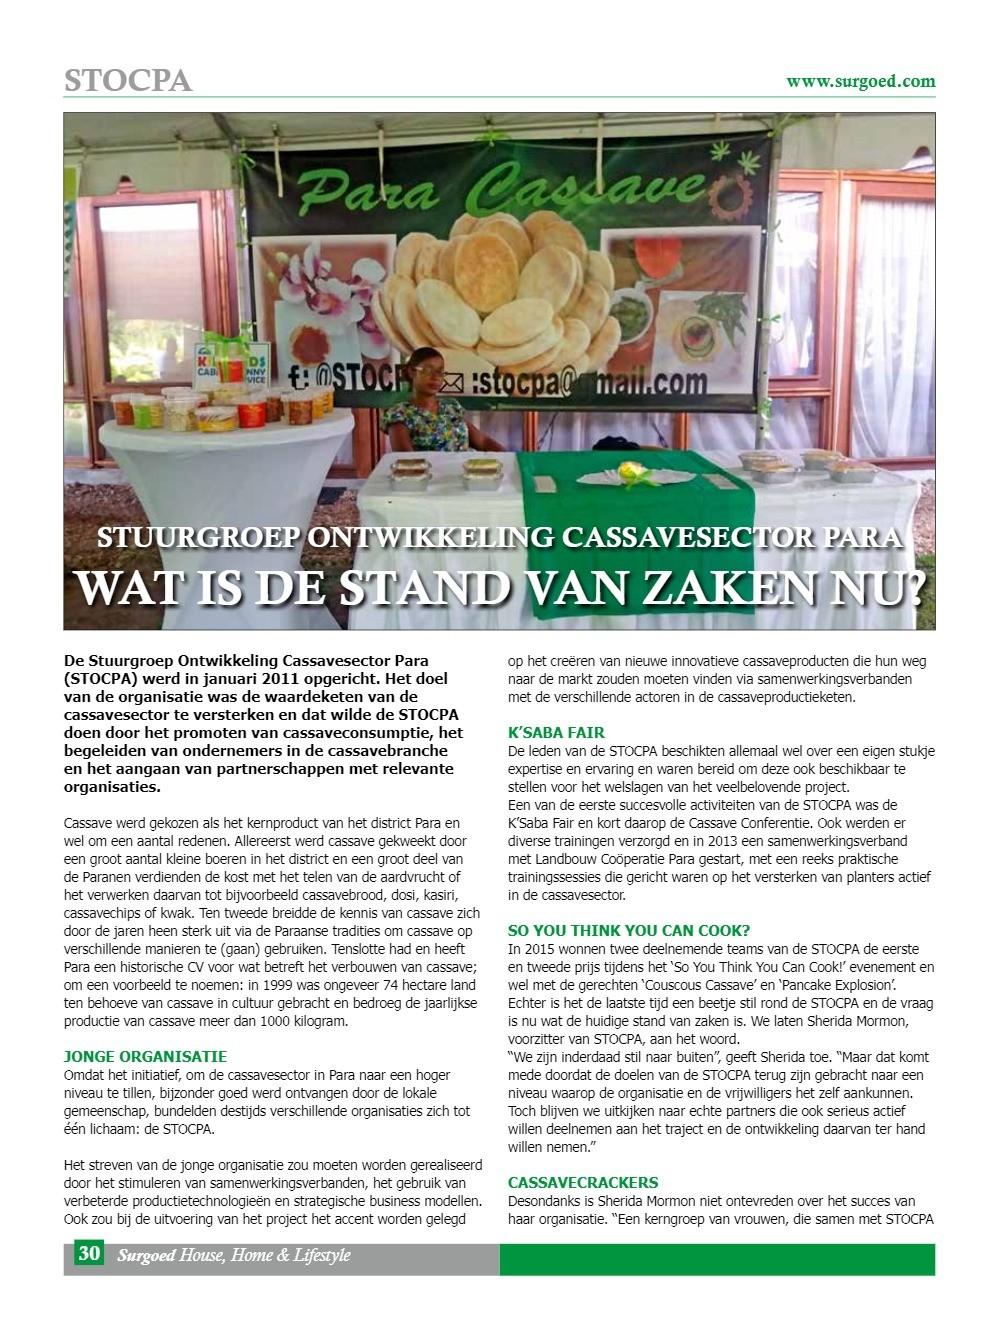 Stuurgroep ontwikkeling cassavesector Para - Wat is de stand van zaken nu?